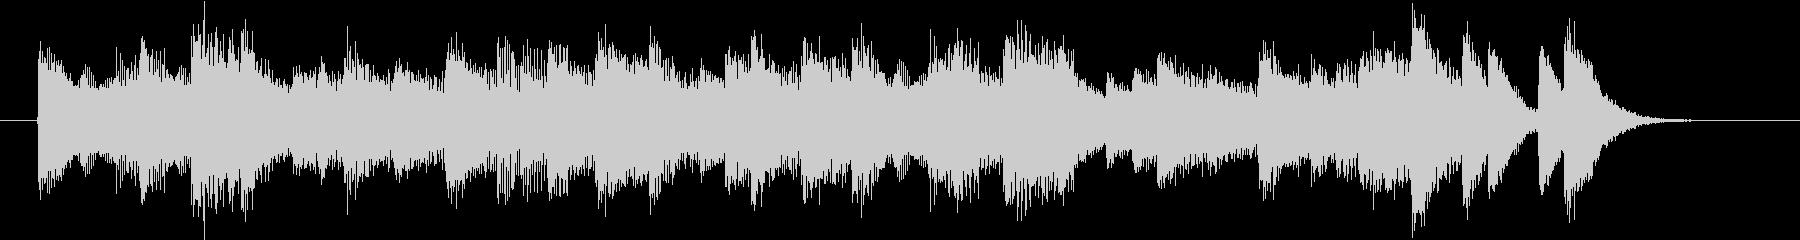 懐かしいメロのリズミックなピアノジングルの未再生の波形